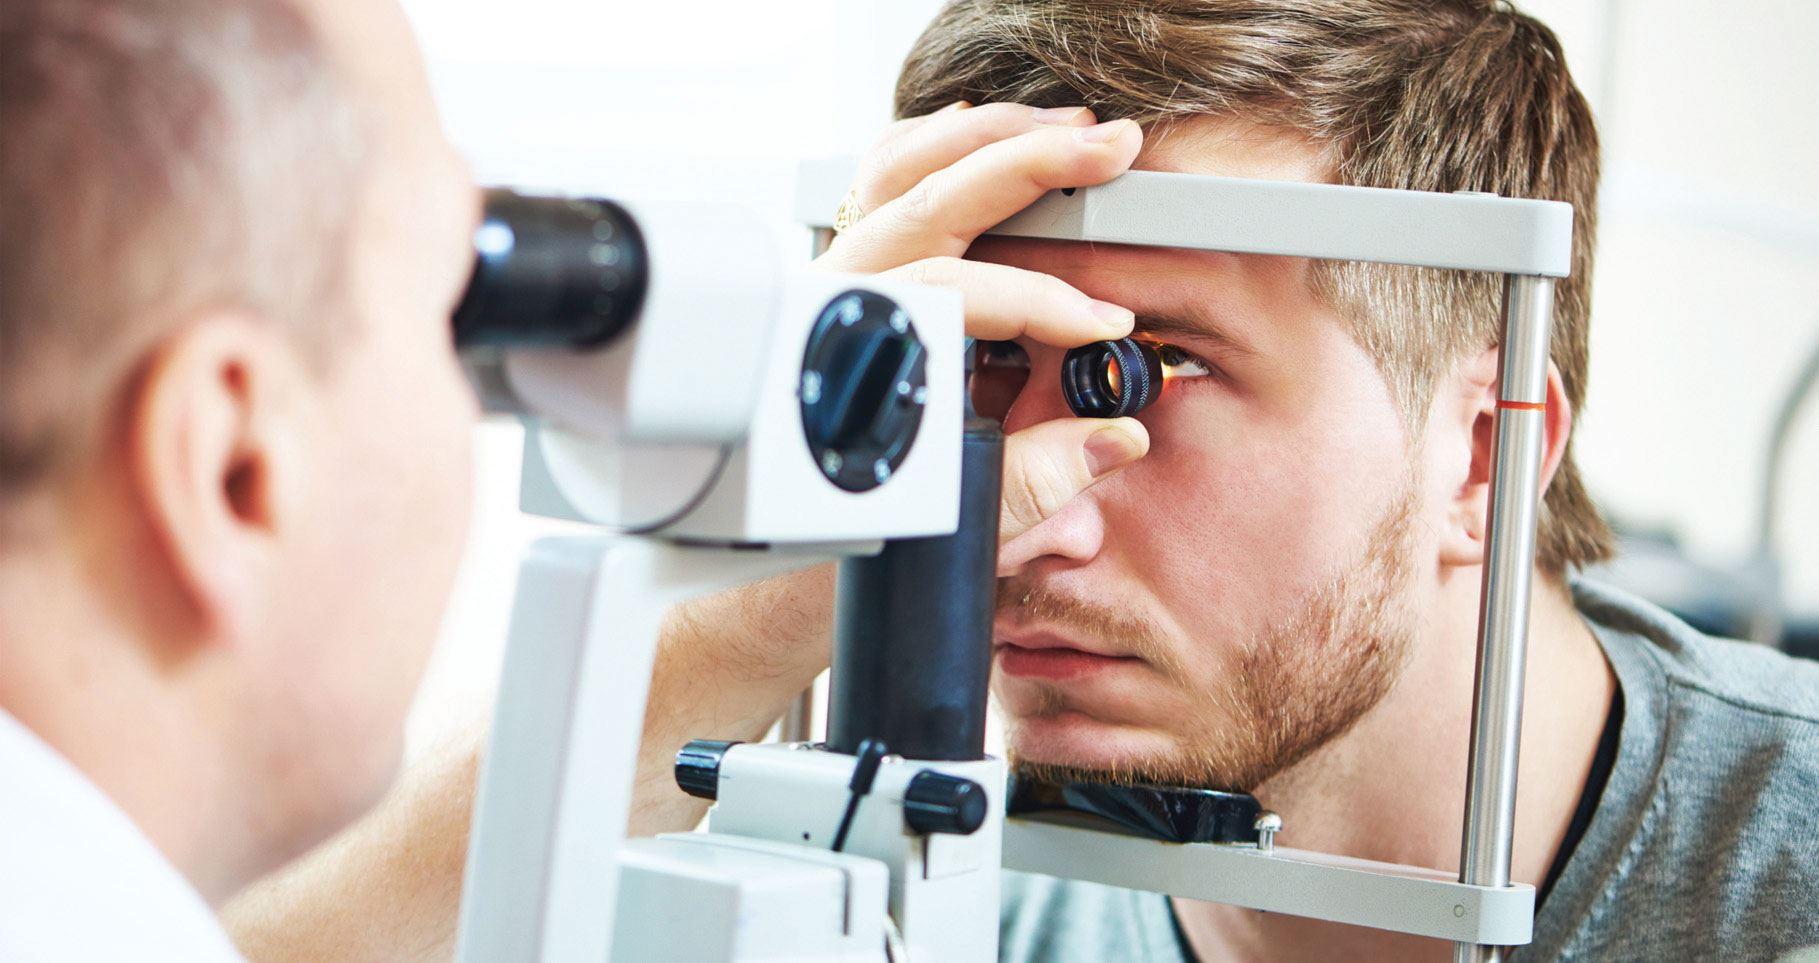 ramai ambi mudah penjagaan mata,jom ikuti 5 tips yang mudah ini.